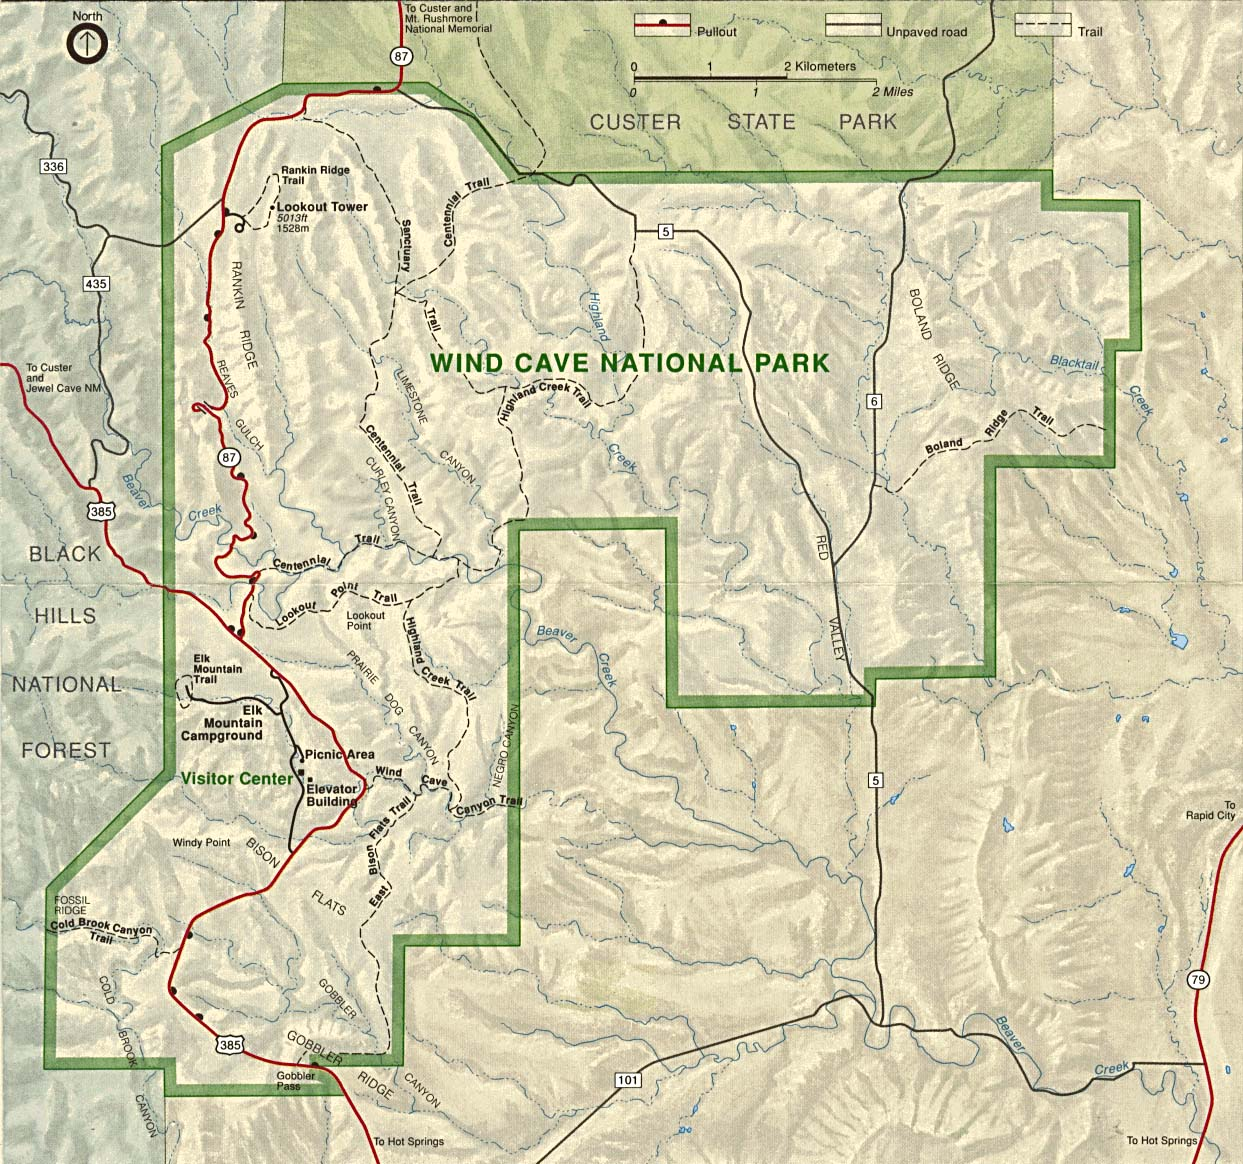 Mapa del Parque Nacional Wind Cave, Dakota del Sur, Estados Unidos